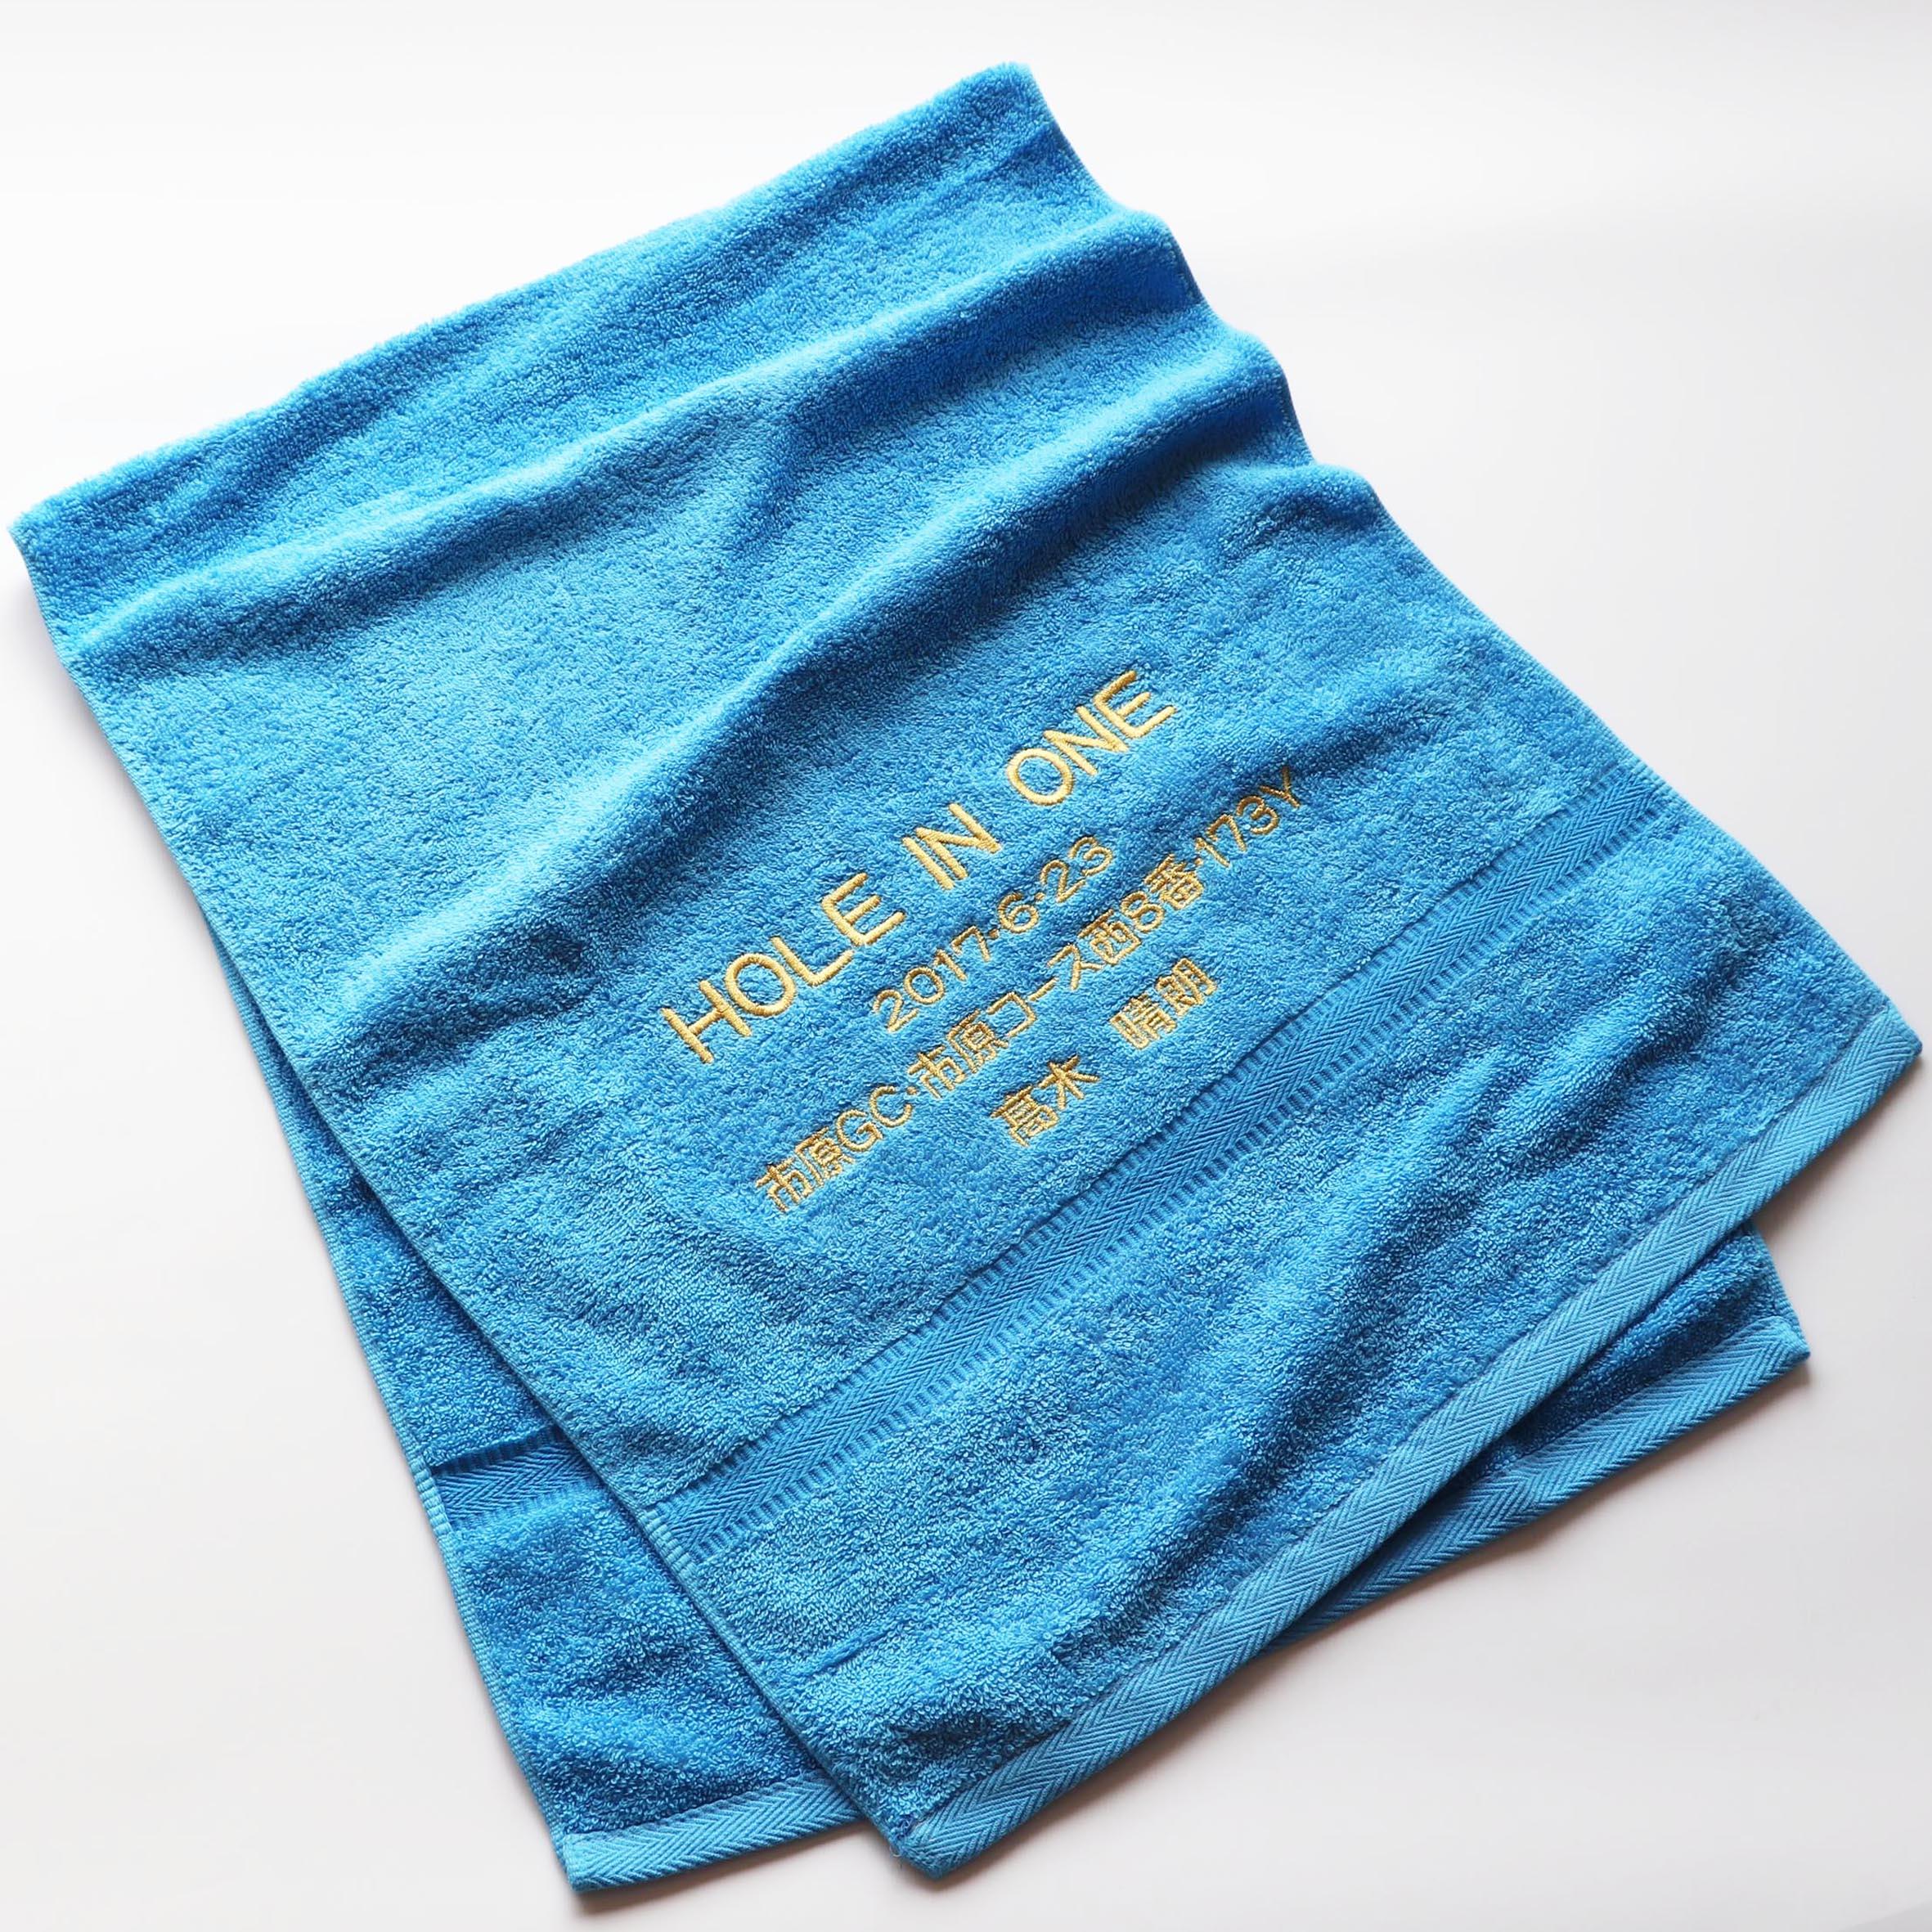 【062101】<br>フォント刺繍/A位置<br>ハイオーミカラー<br>スポーツタオル<br>スカイブルー